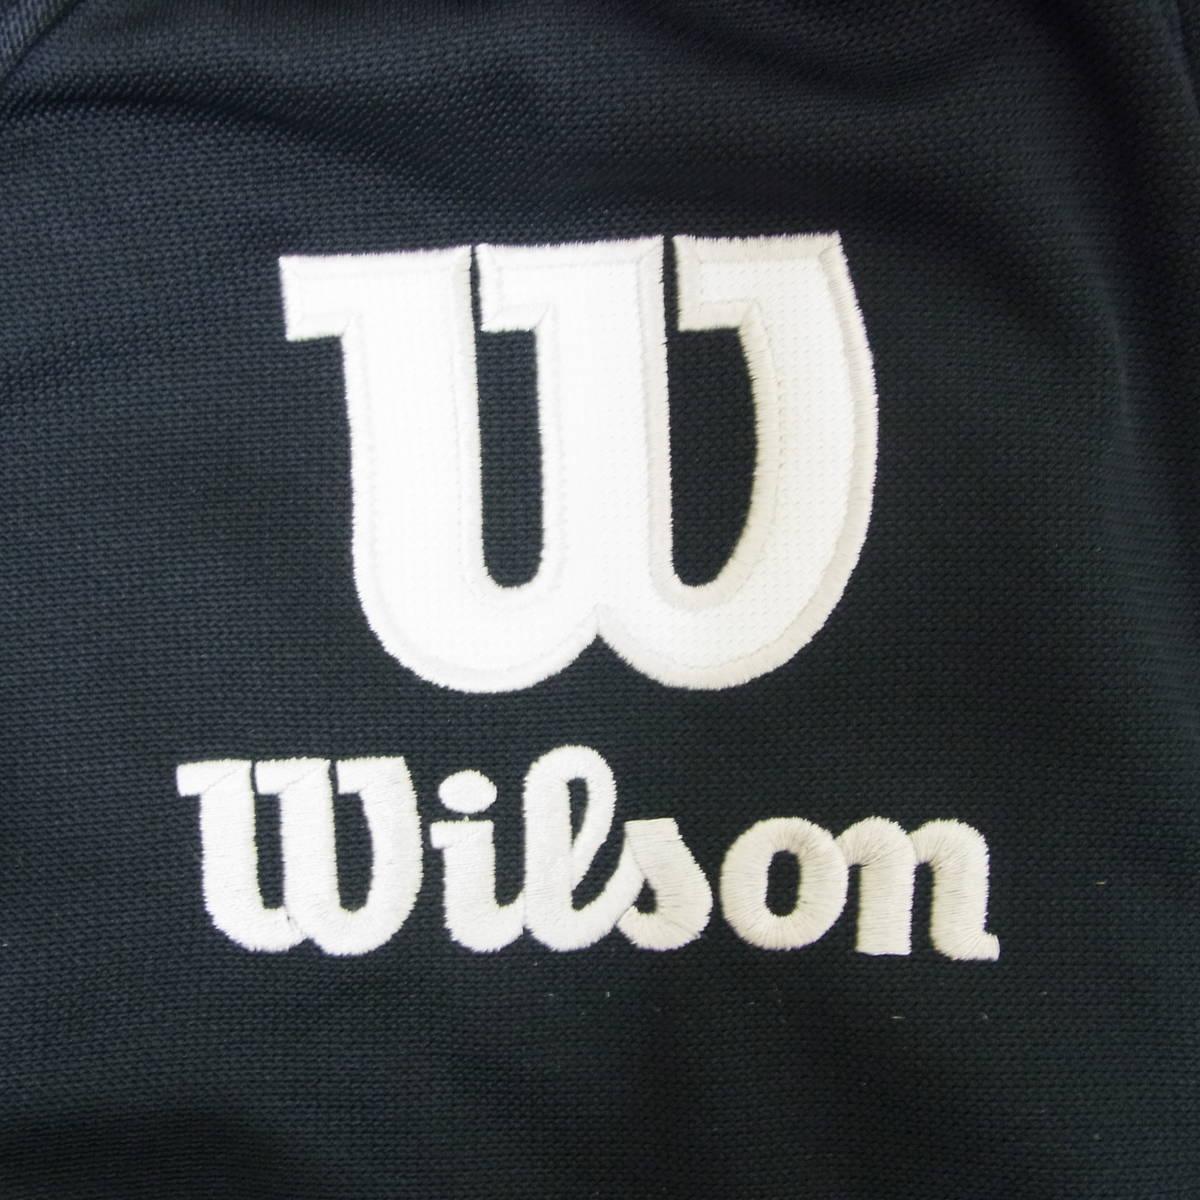 WILSON ウィルソン☆メンズ ジャージジャケット ☆吸汗速乾 メッシュ フード付き トラックジャケット☆スポーツ フィットネス トレーニング_画像6